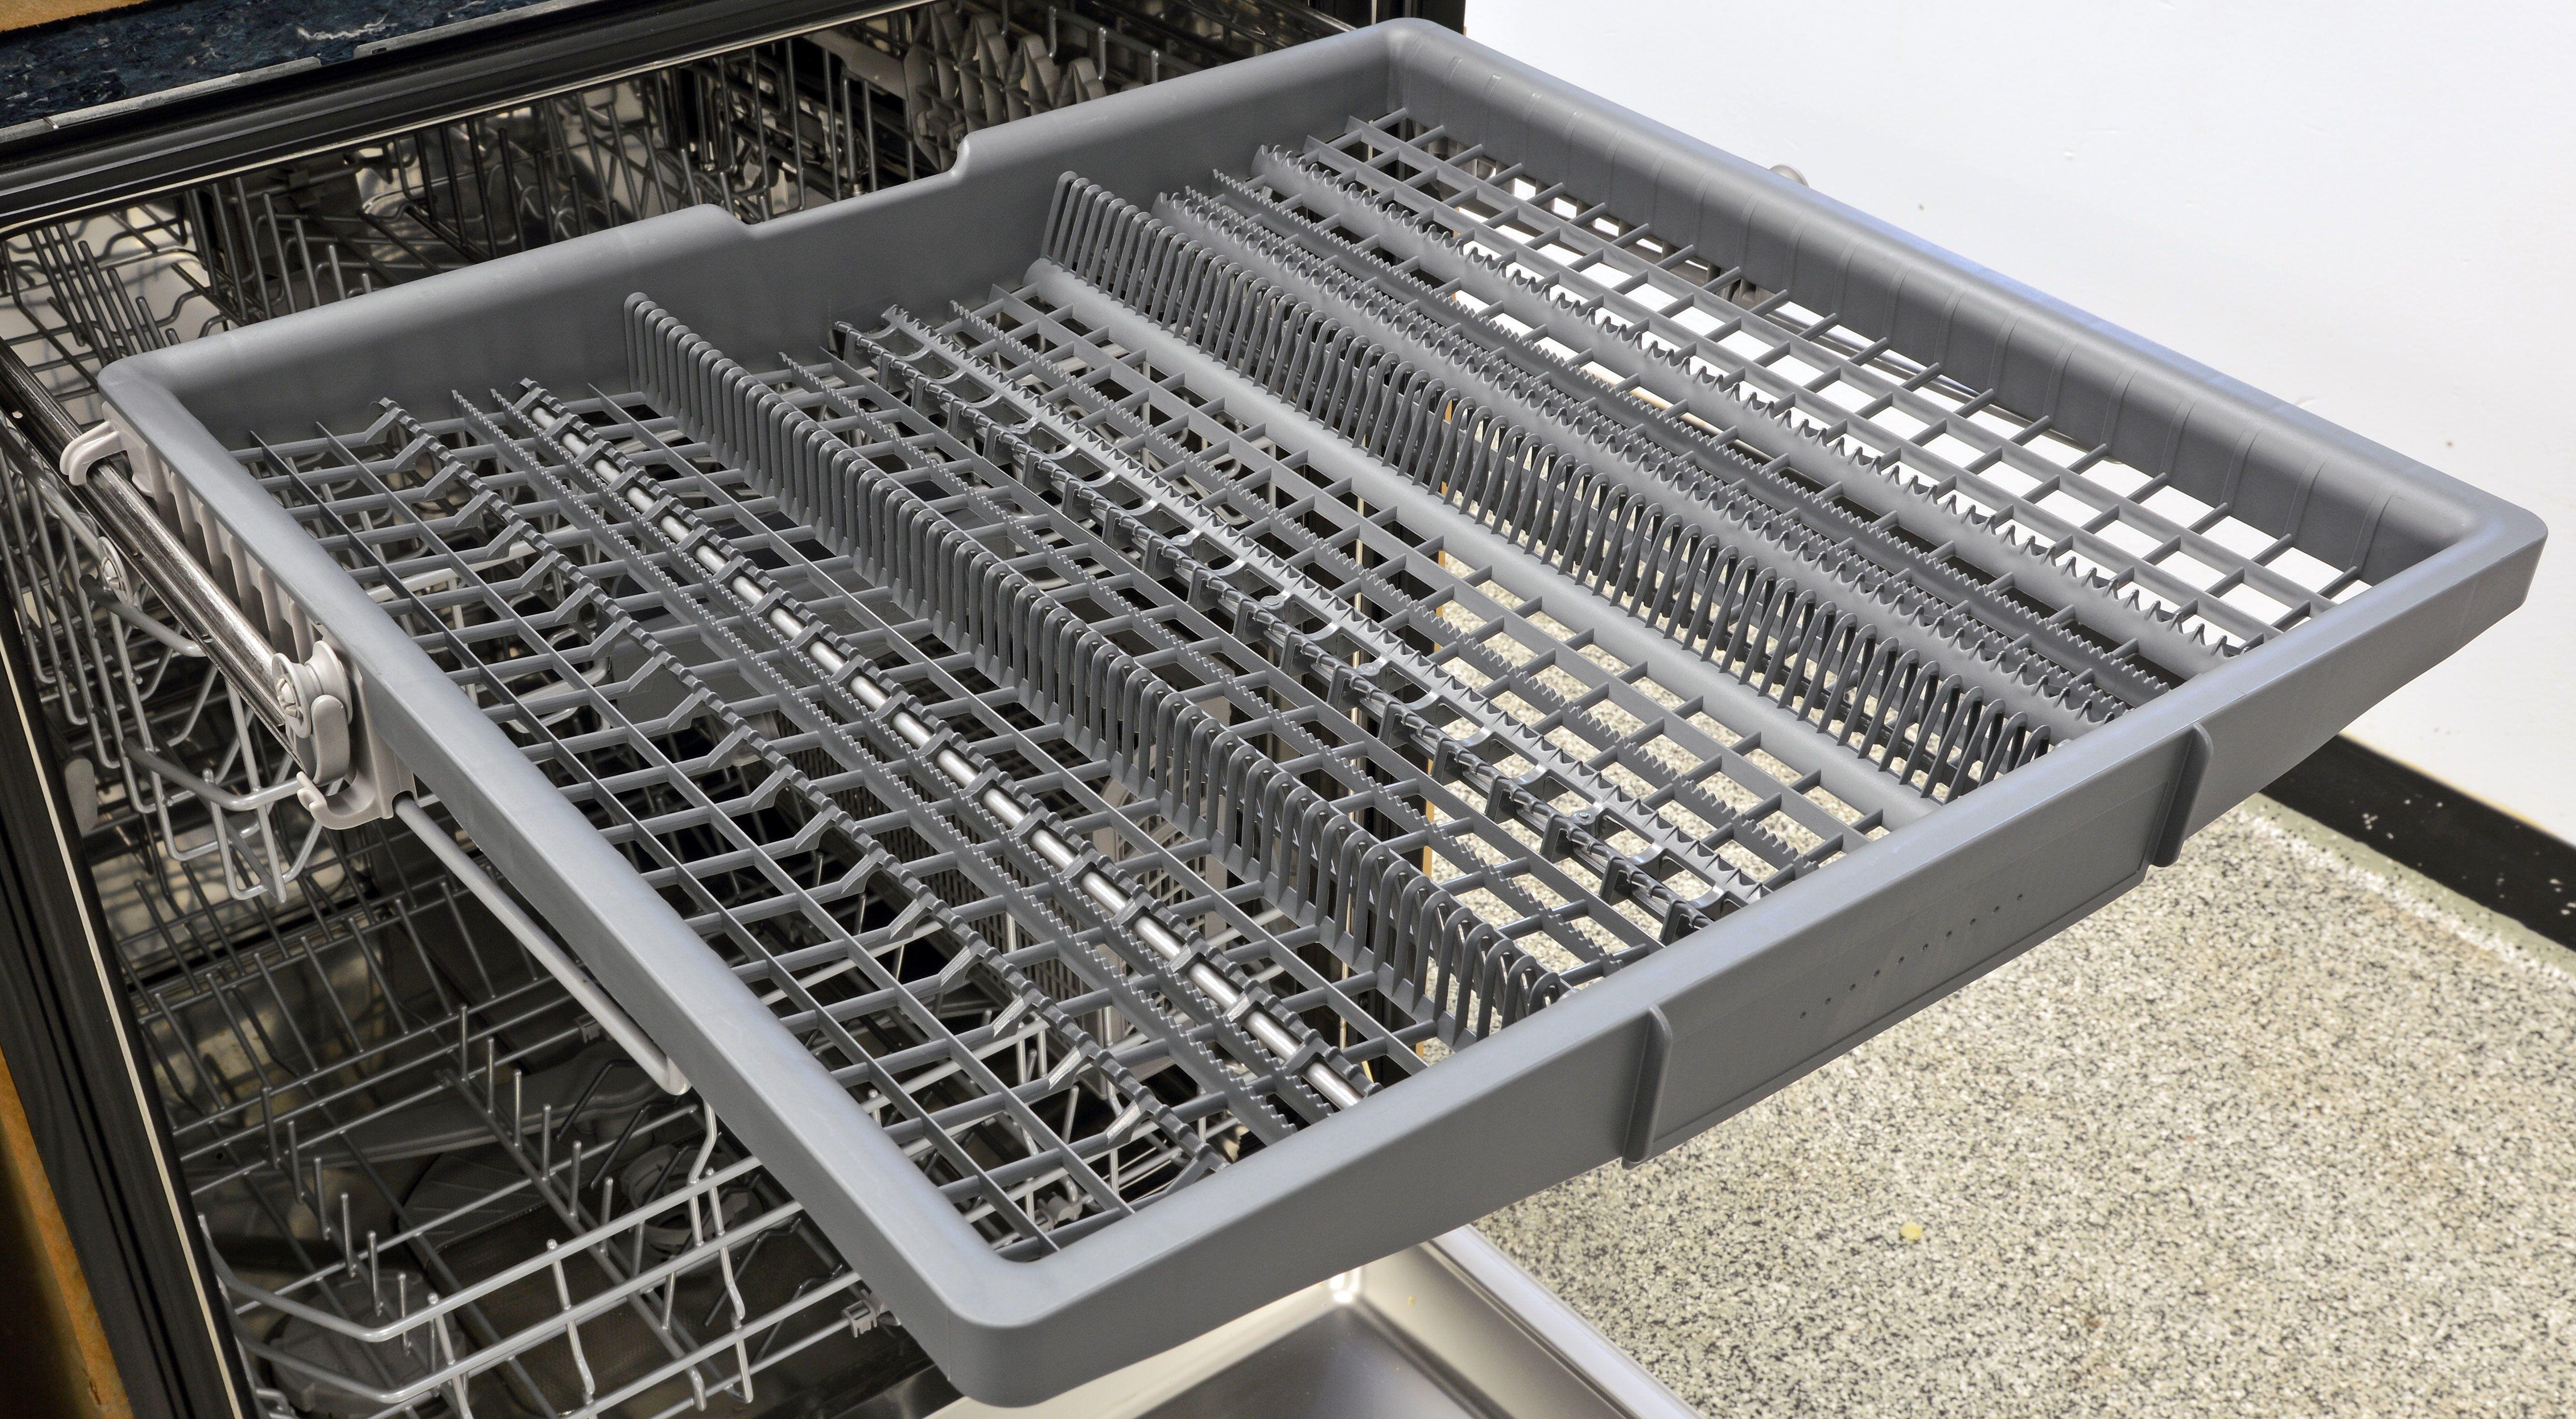 Bosch 300 Series Shxm63ws5n With Images Best Dishwasher Quiet